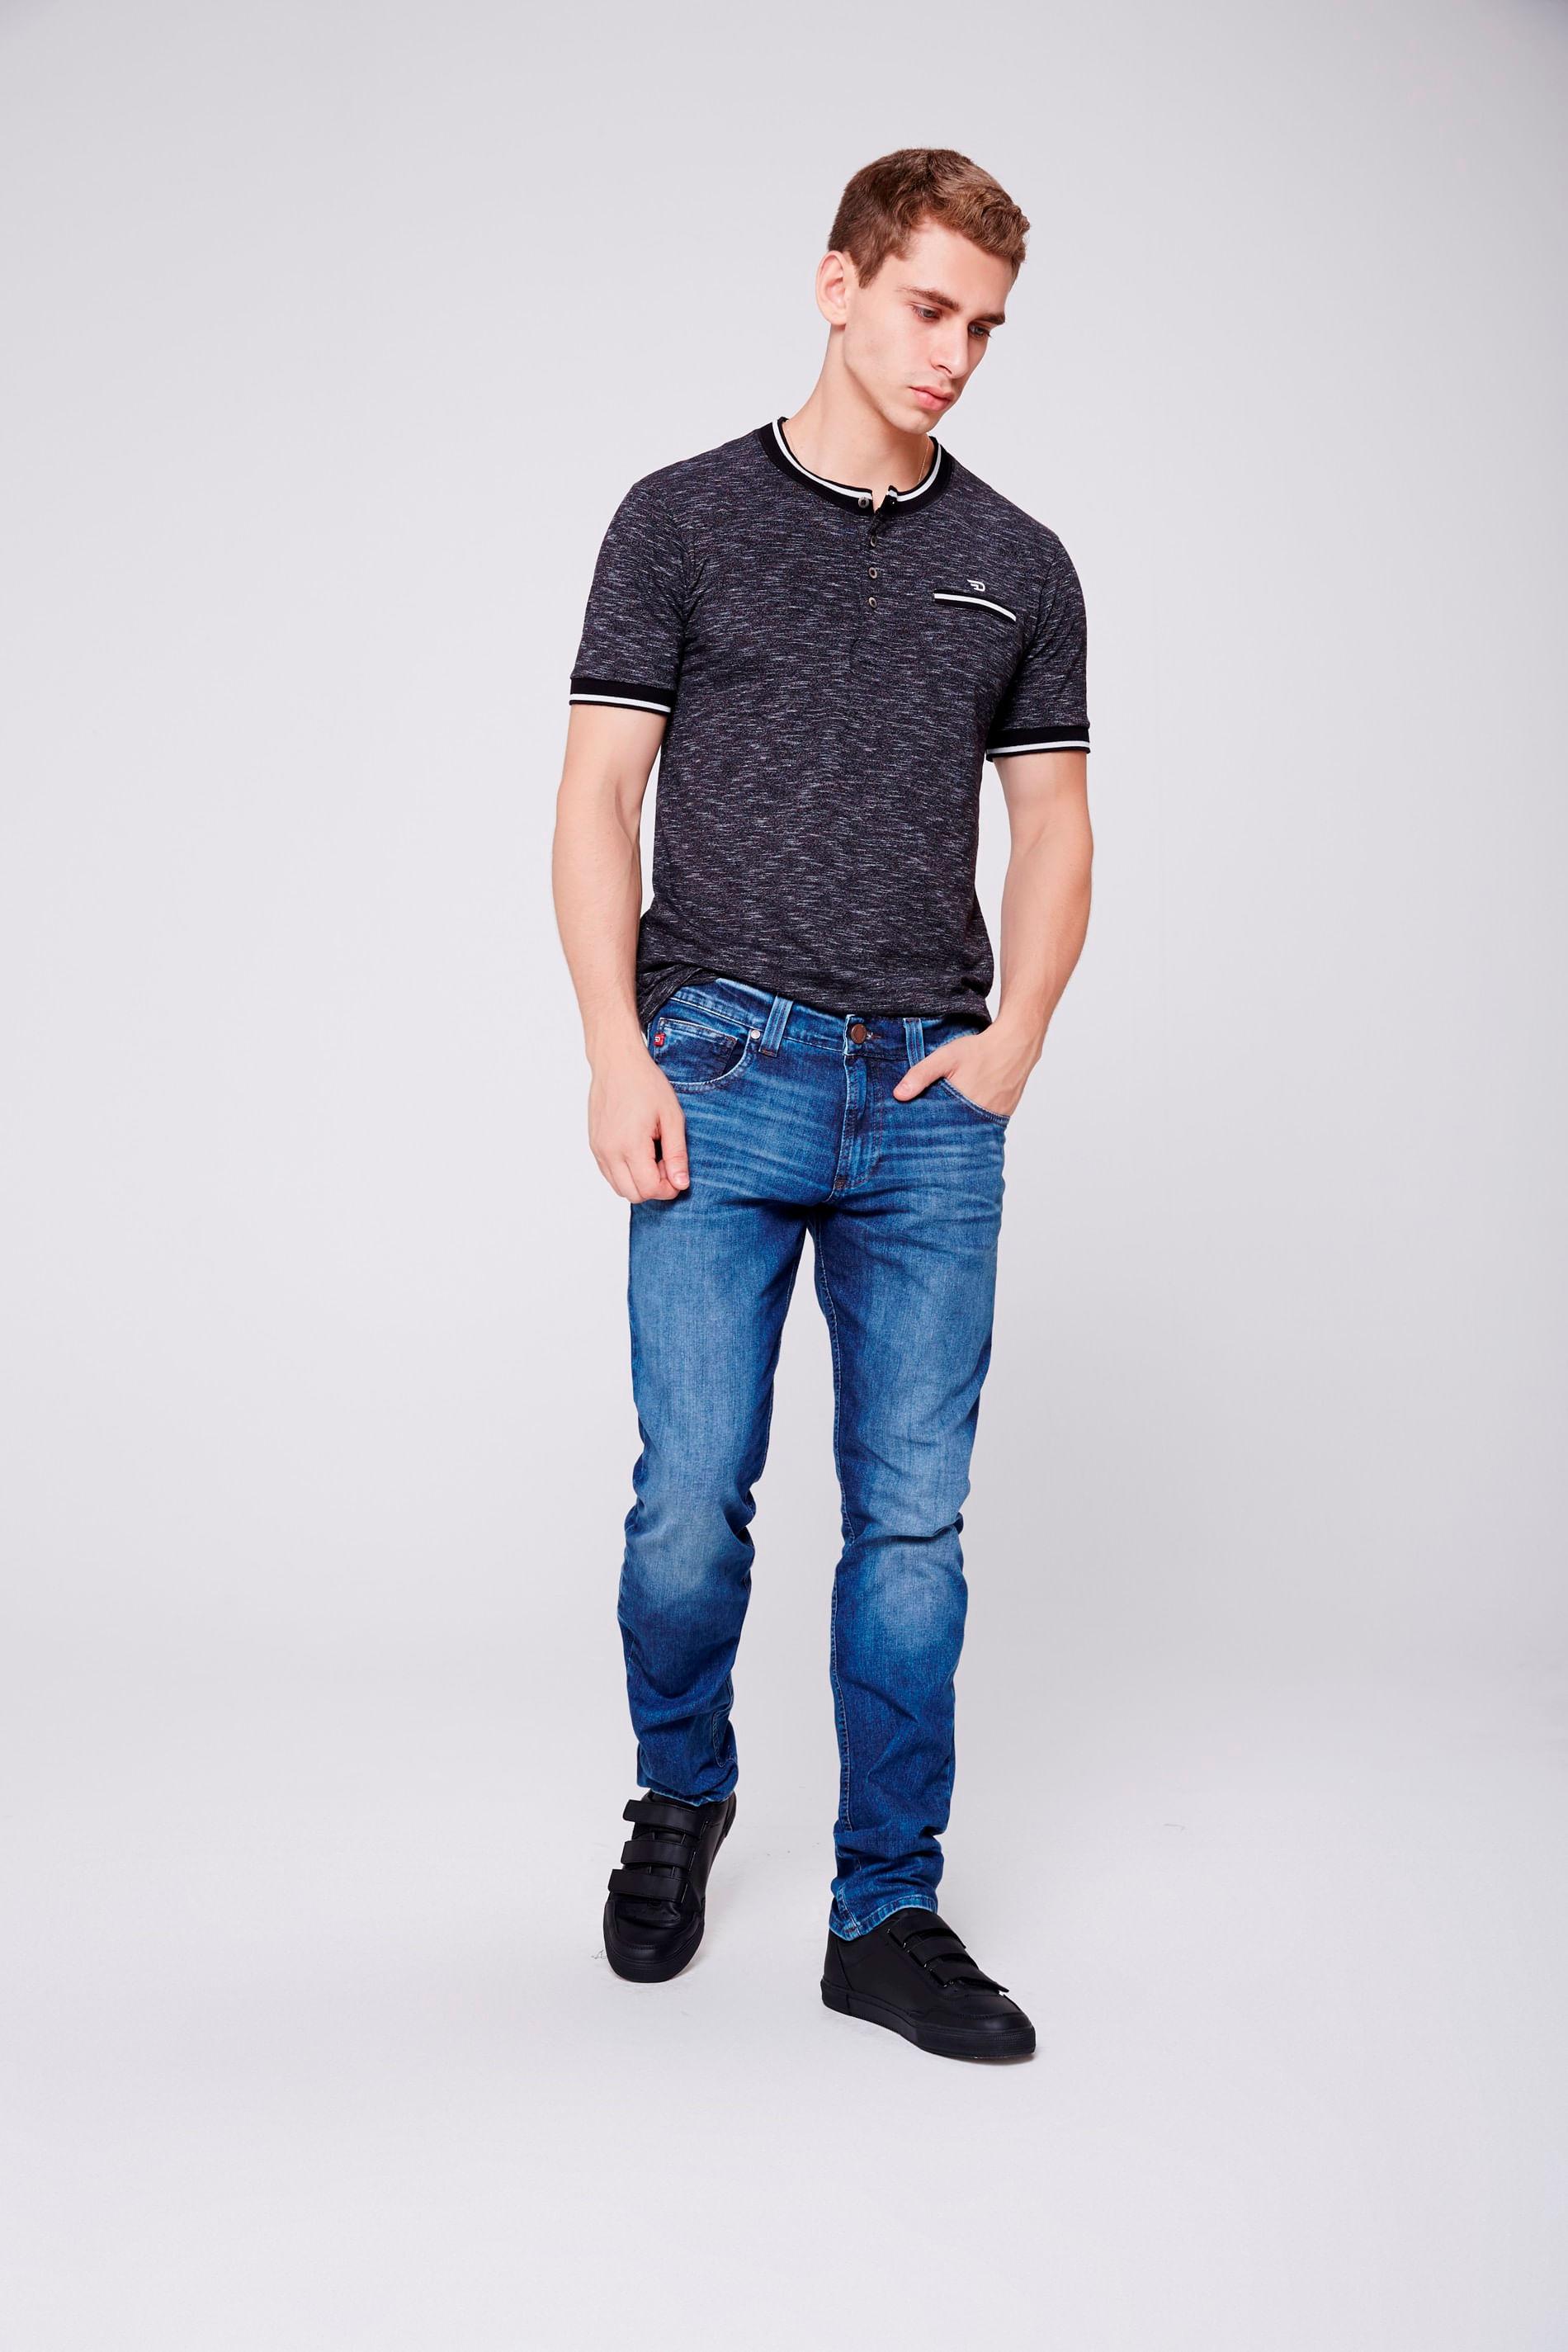 4b50c285f8d2e Calça Jeans Masculina Skinny - Damyller